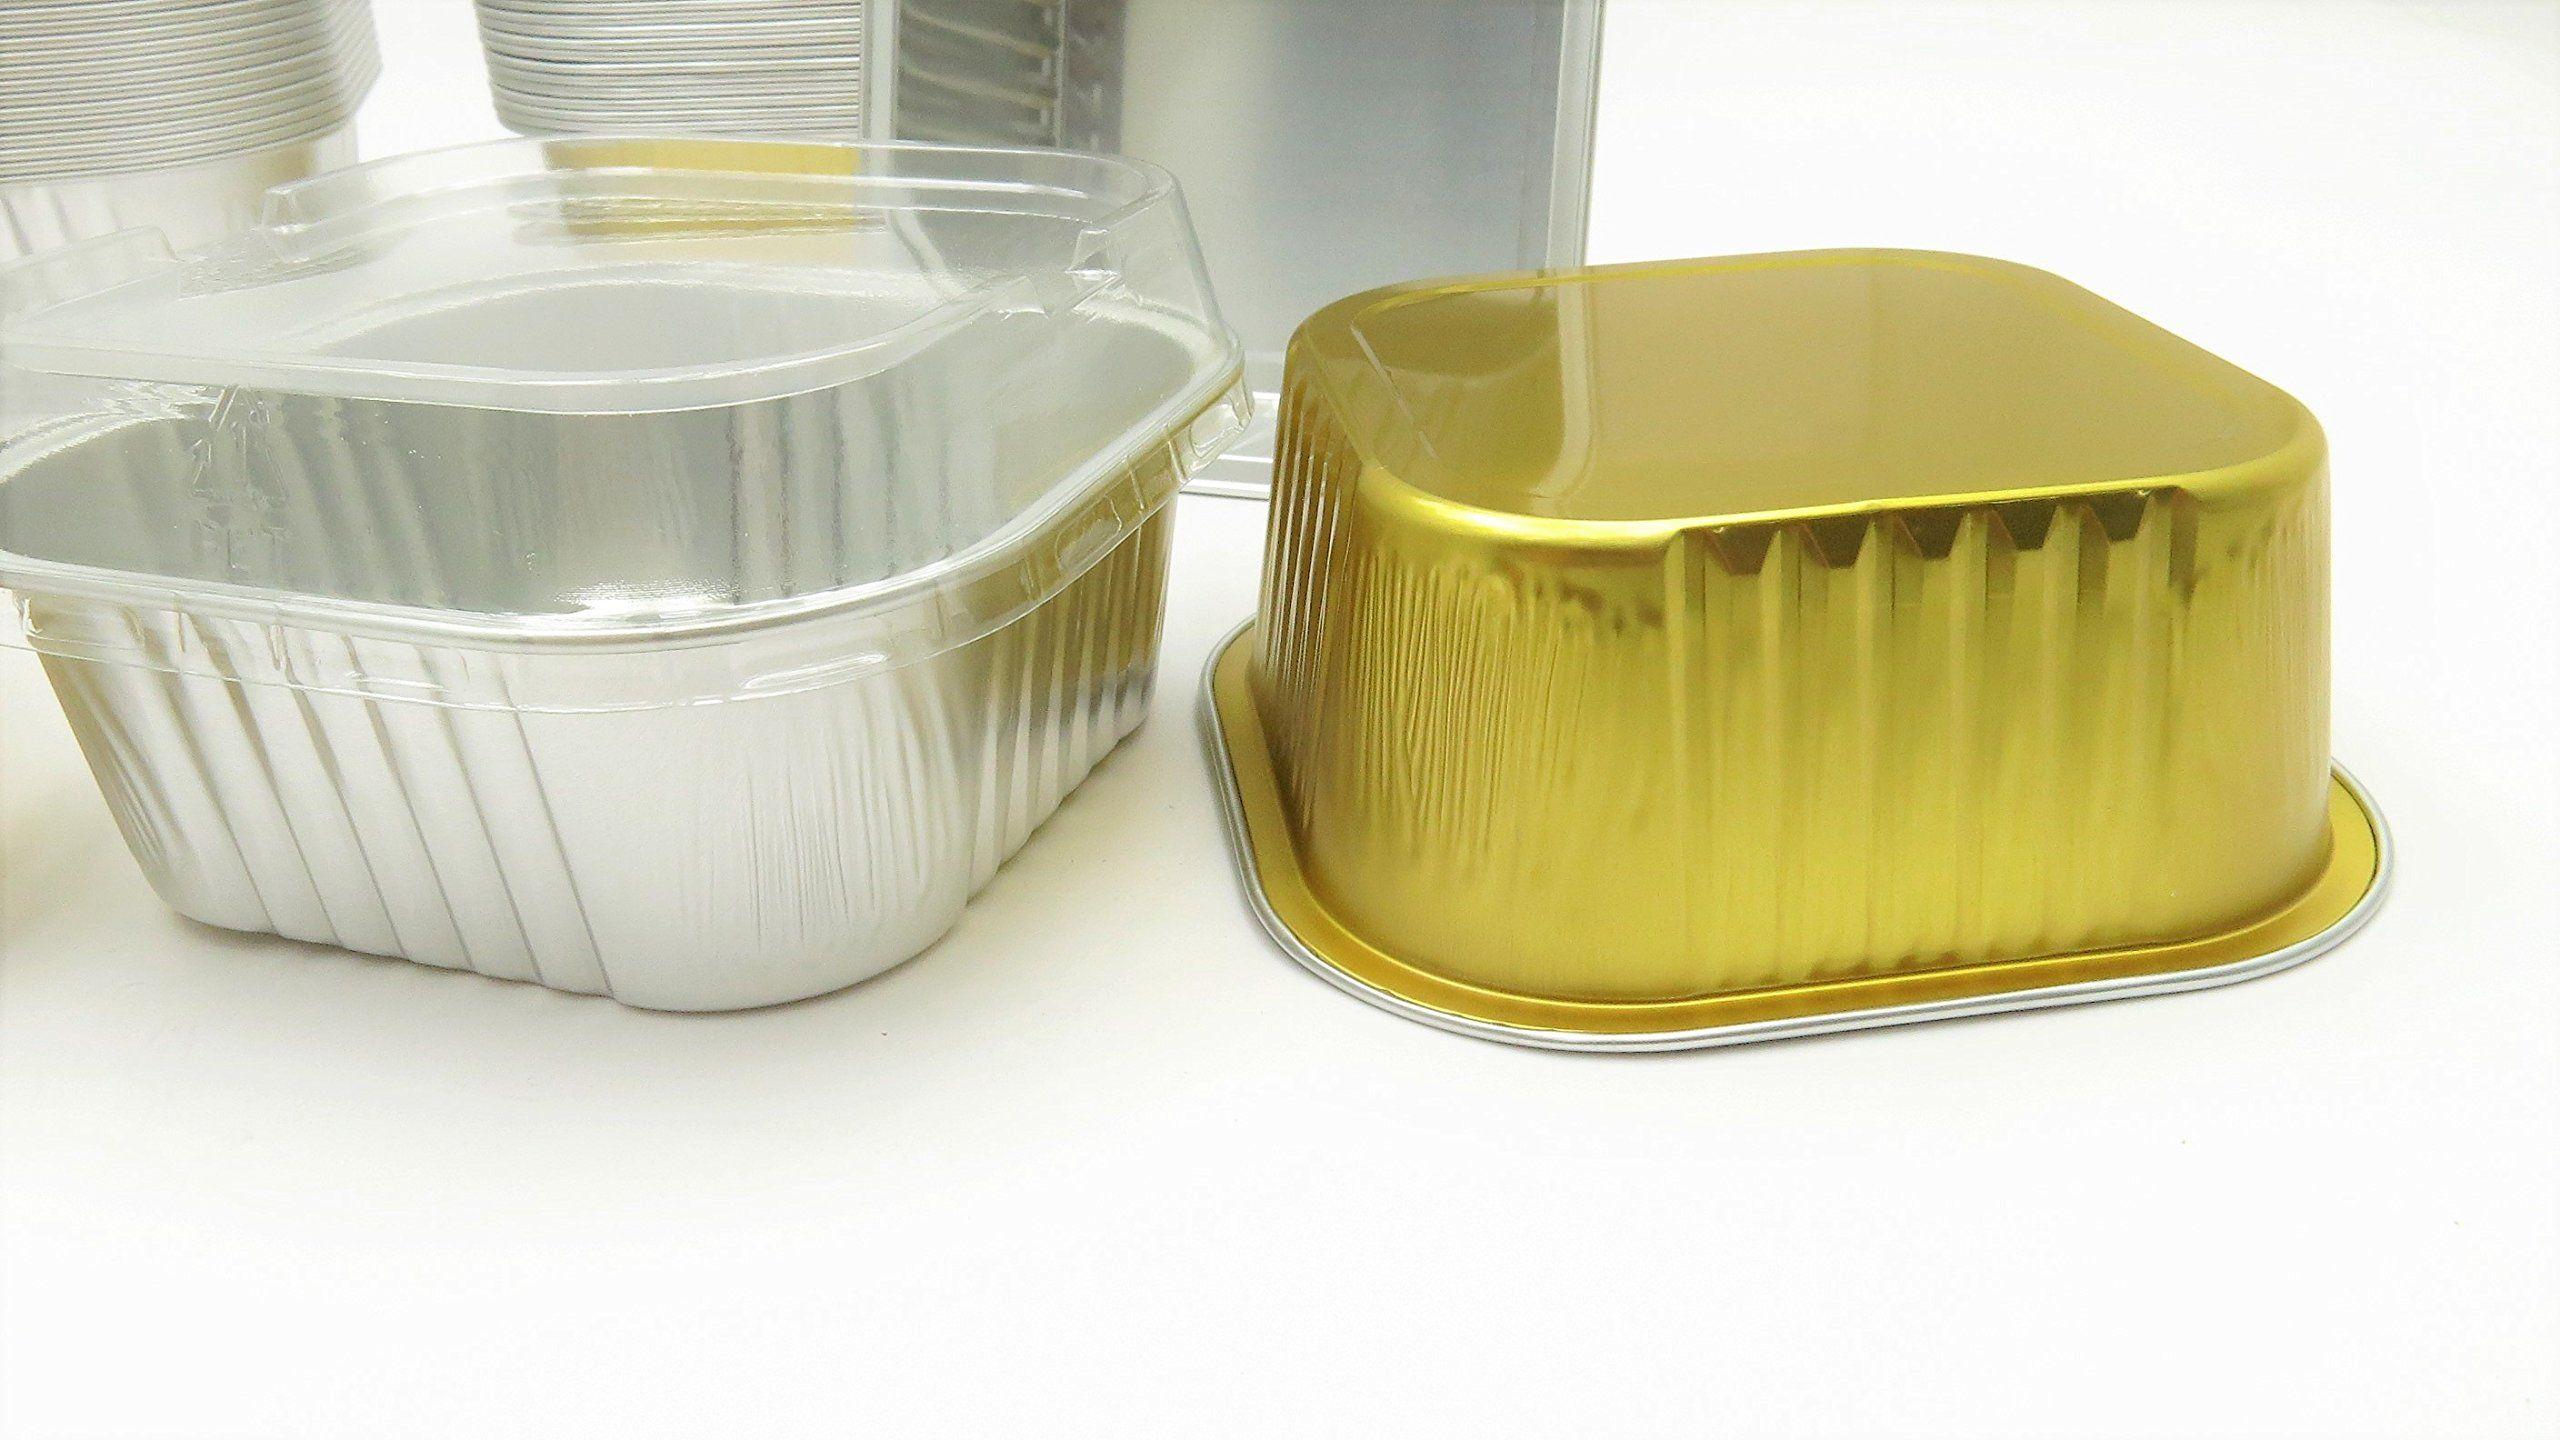 Kitchendance disposable aluminum 4 x 4 square cake pans w